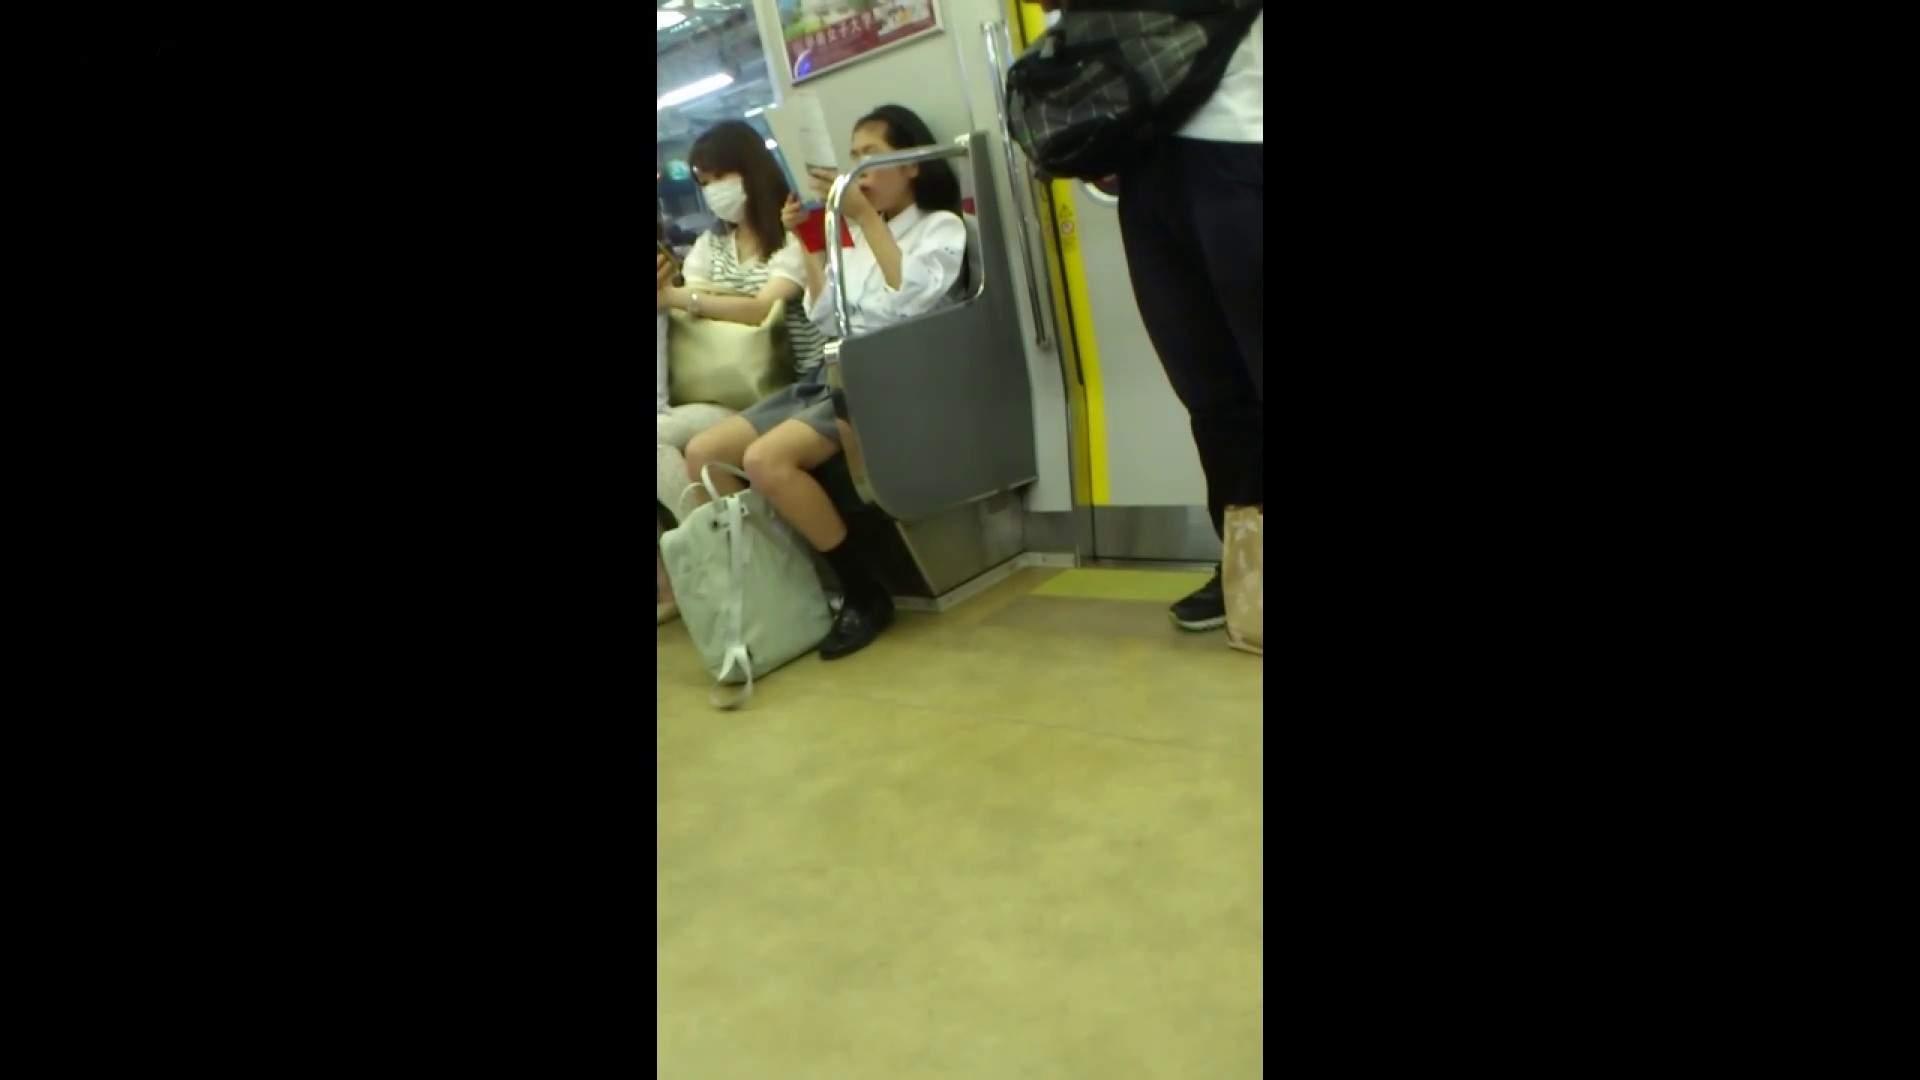 盗撮列車 vol.05 制月反のスカートの中が…見たいです。 高画質動画 アダルト動画キャプチャ 64画像 15